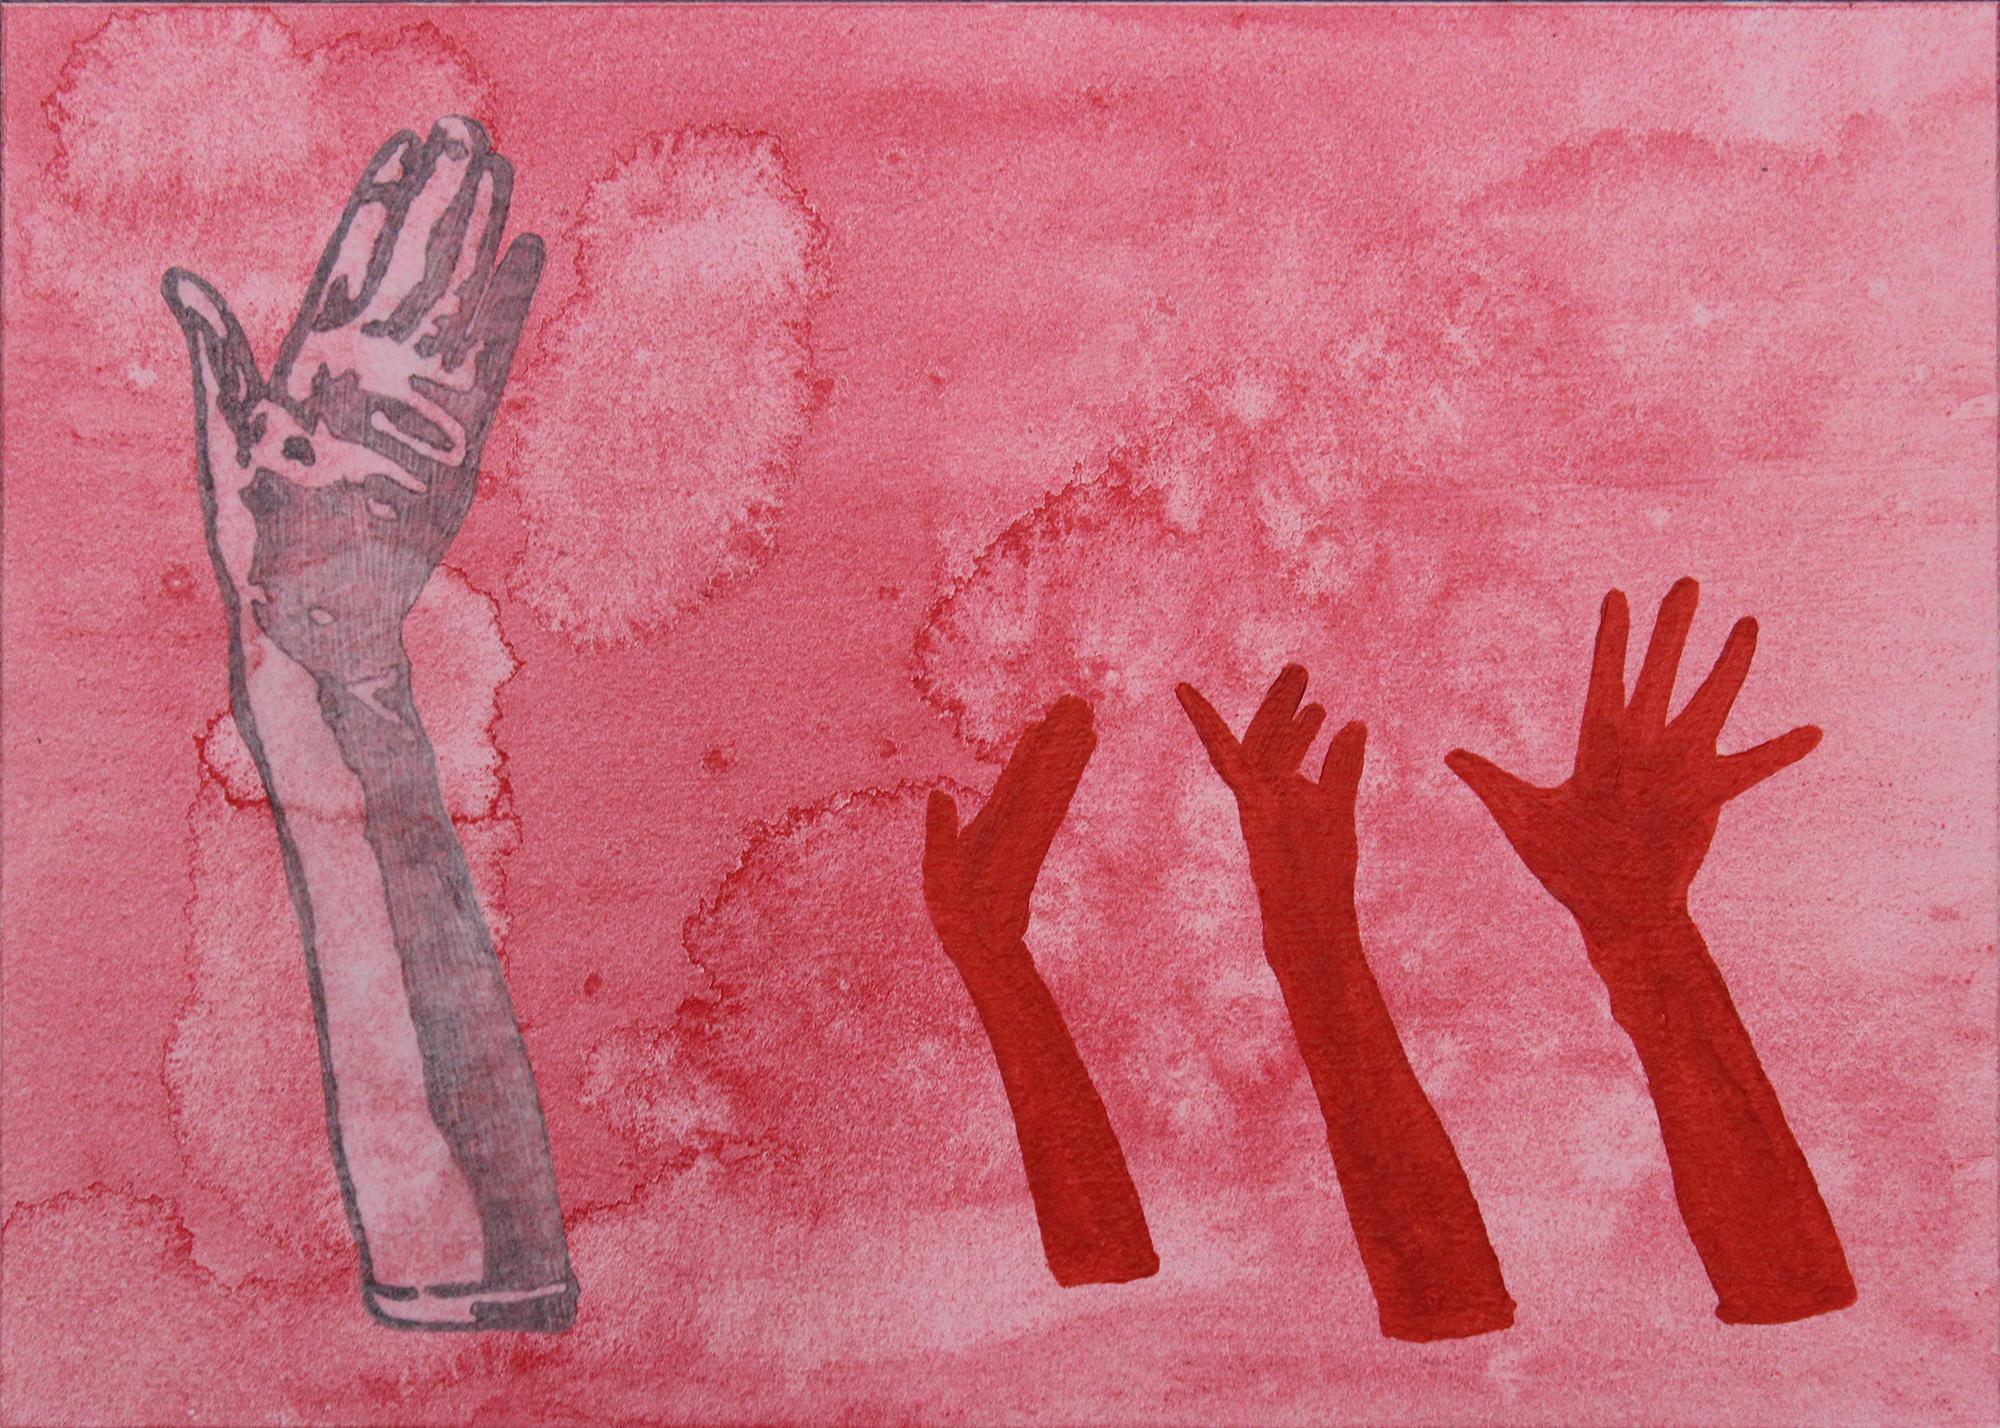 Survival Skills: Gloves